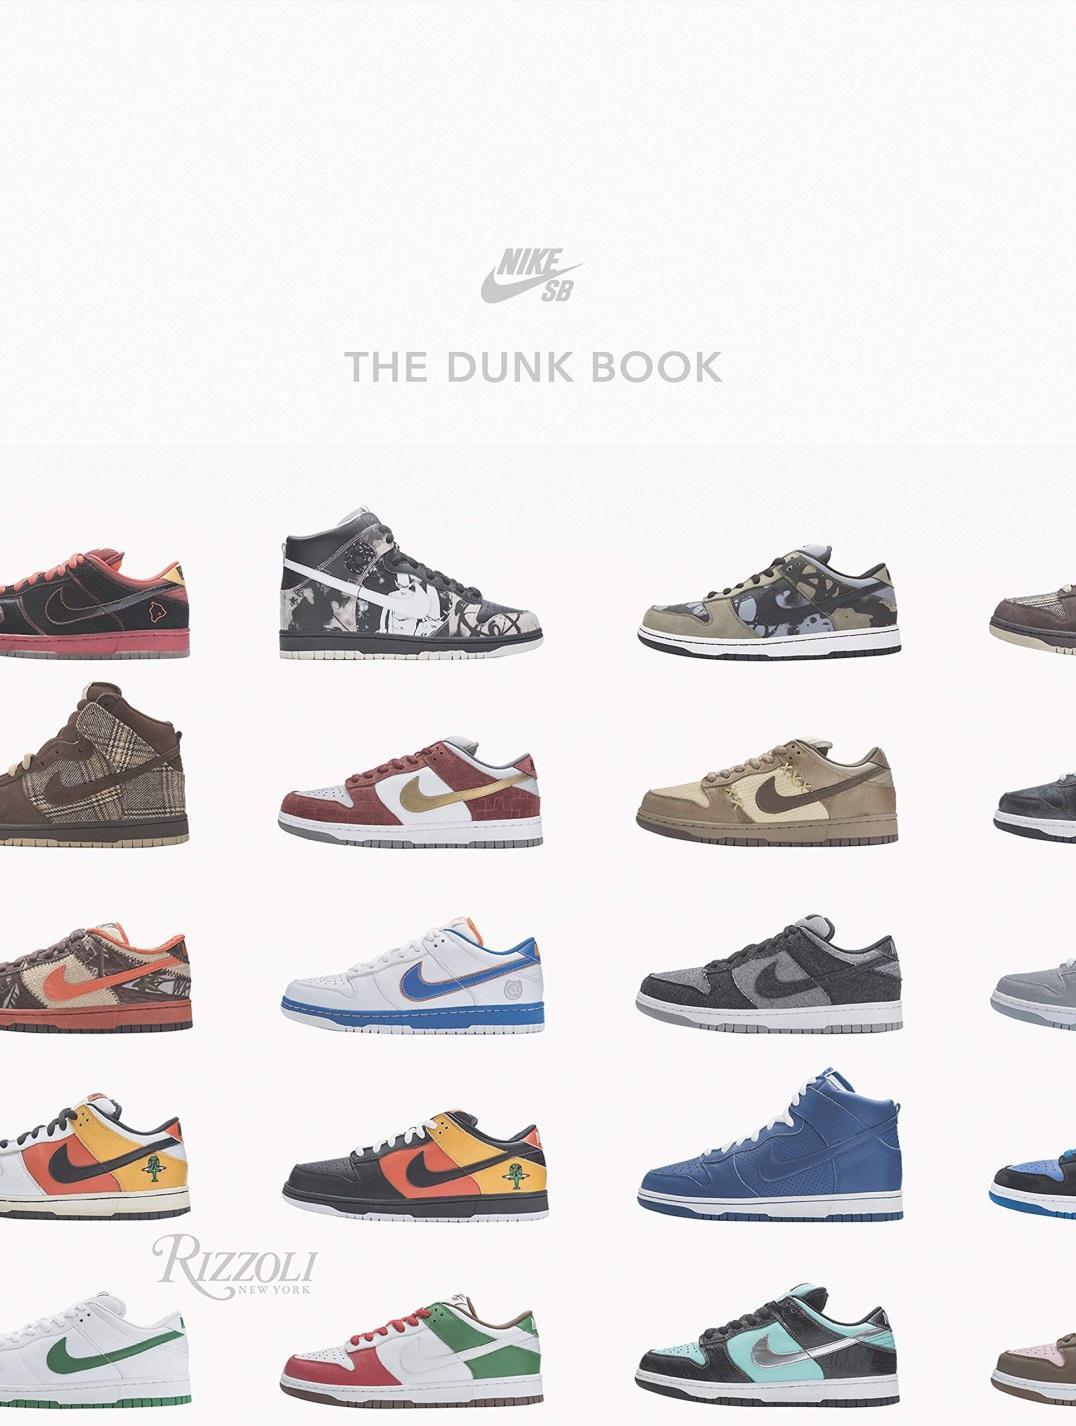 Những bản phối màu đầy phong cách của nike sb dunk